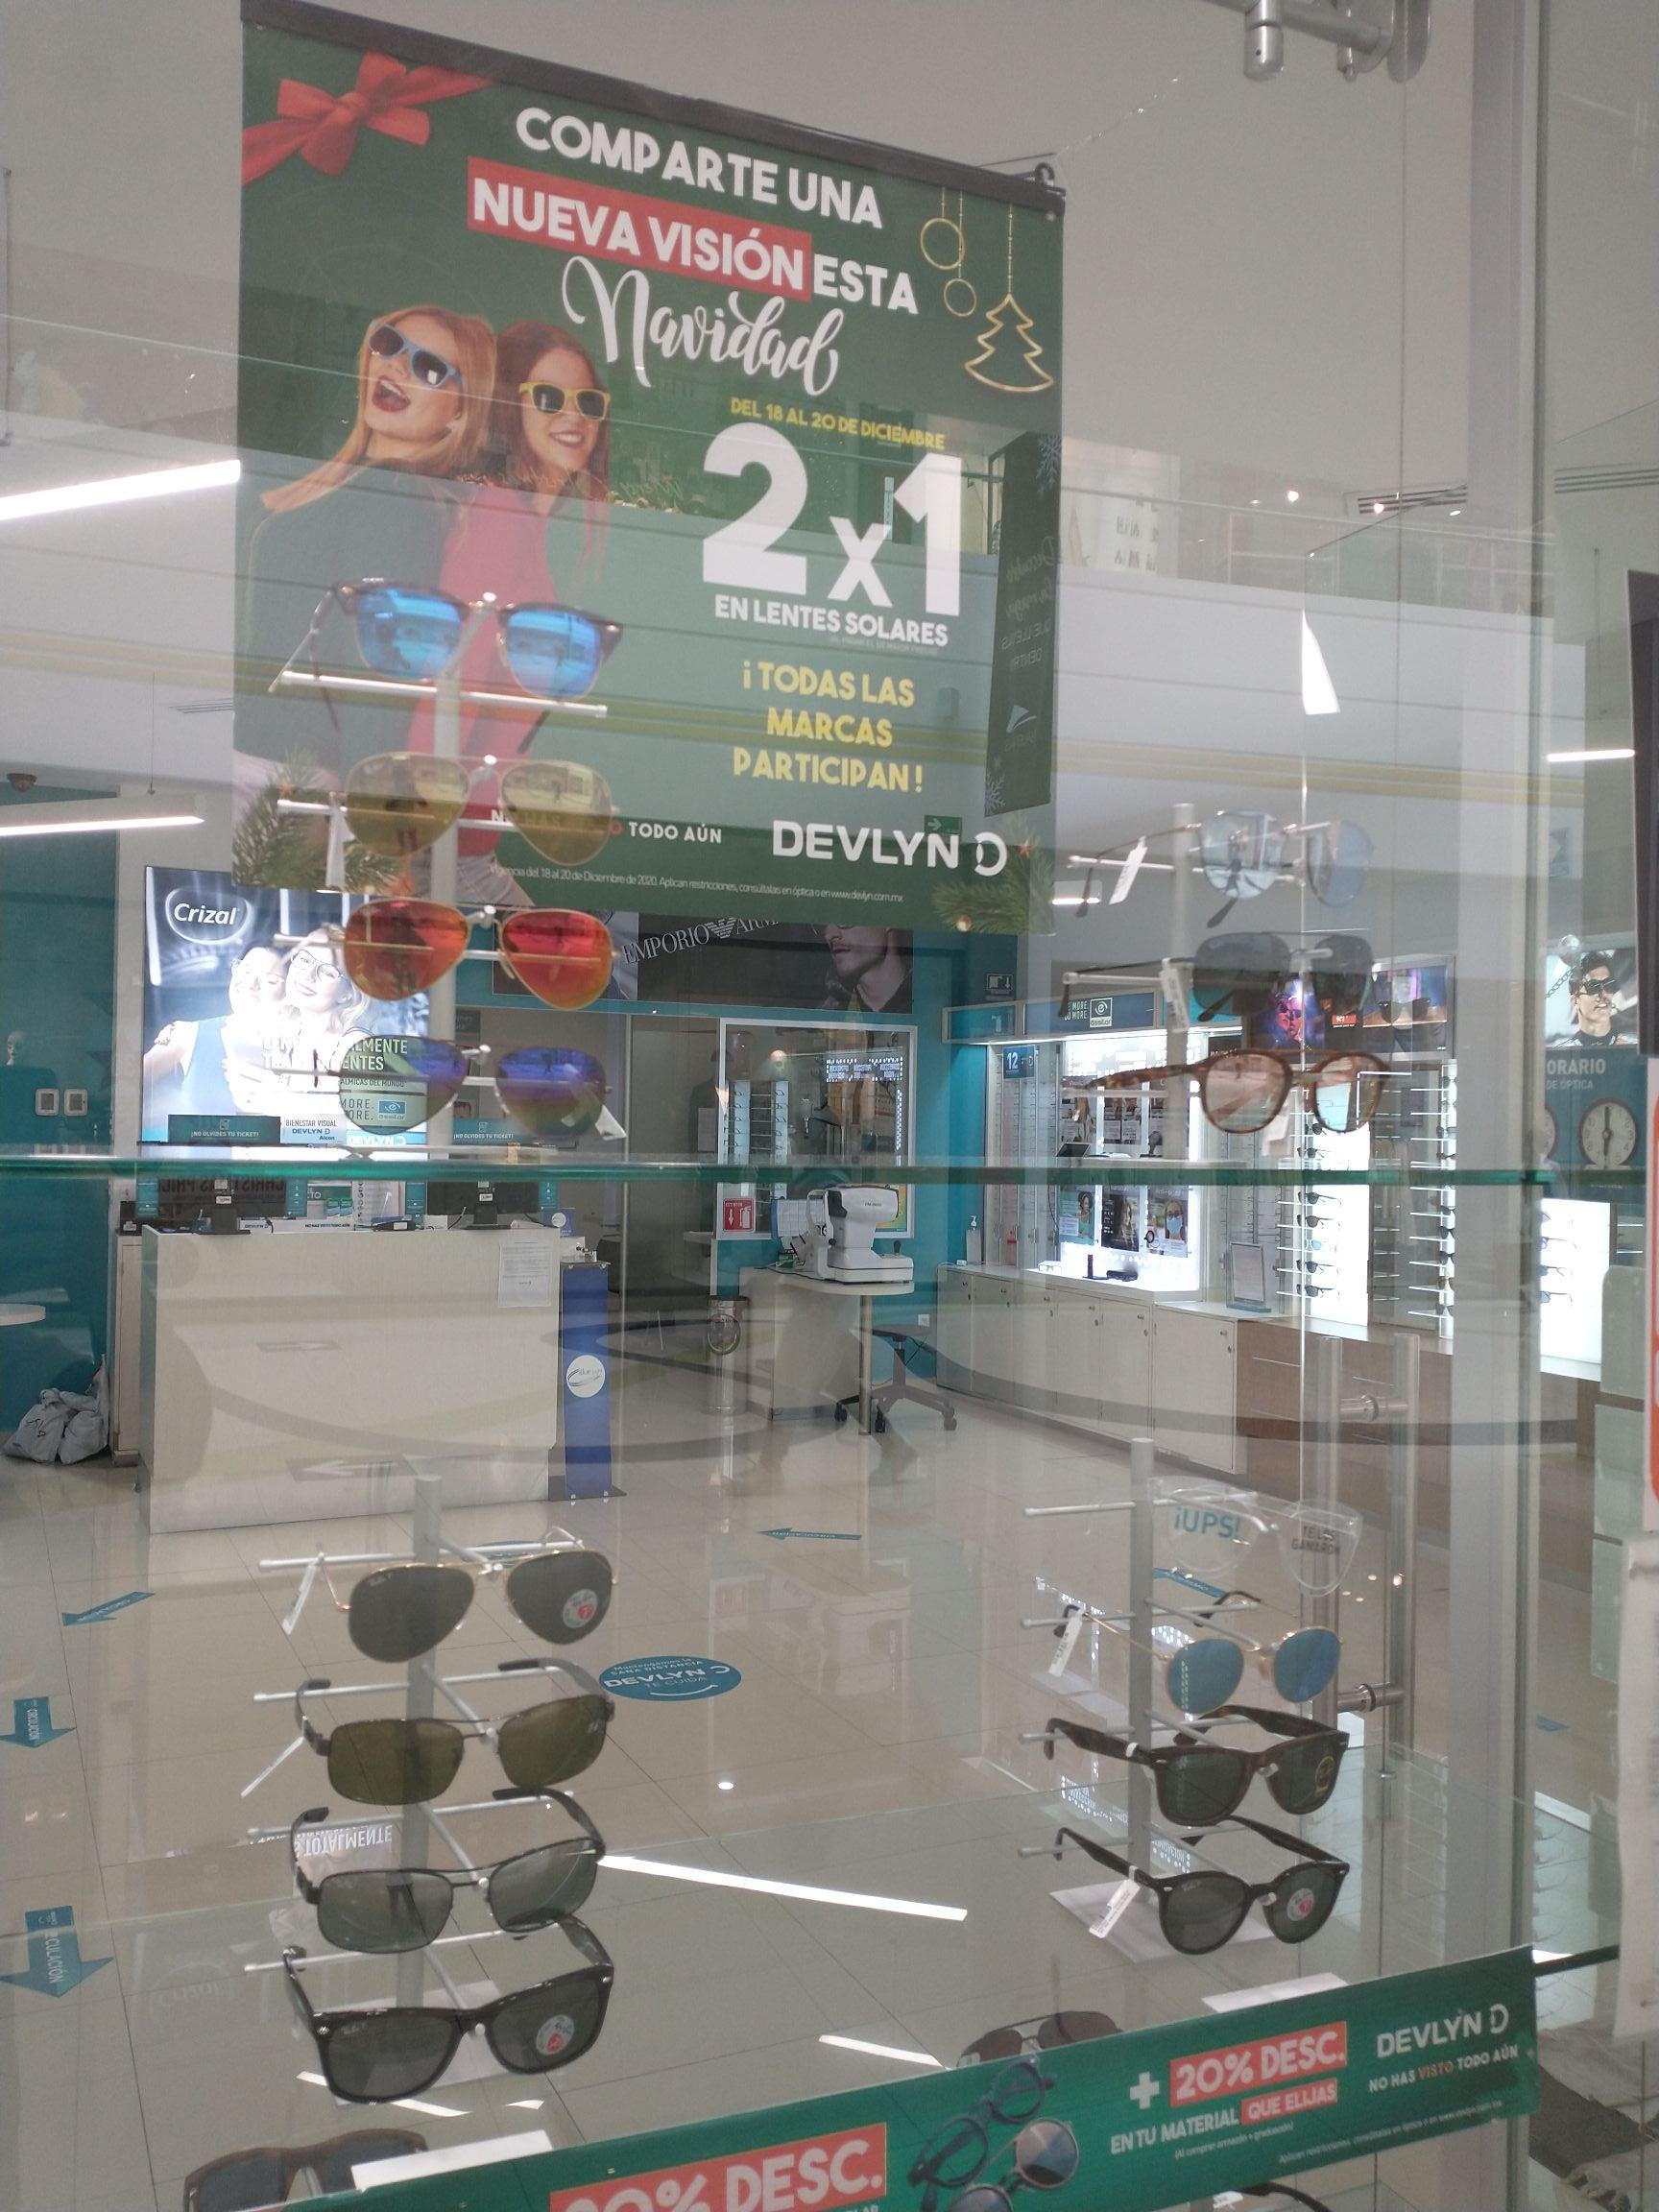 Todas las gafas al 2x1 Galerías Serdán Devlyn Puebla